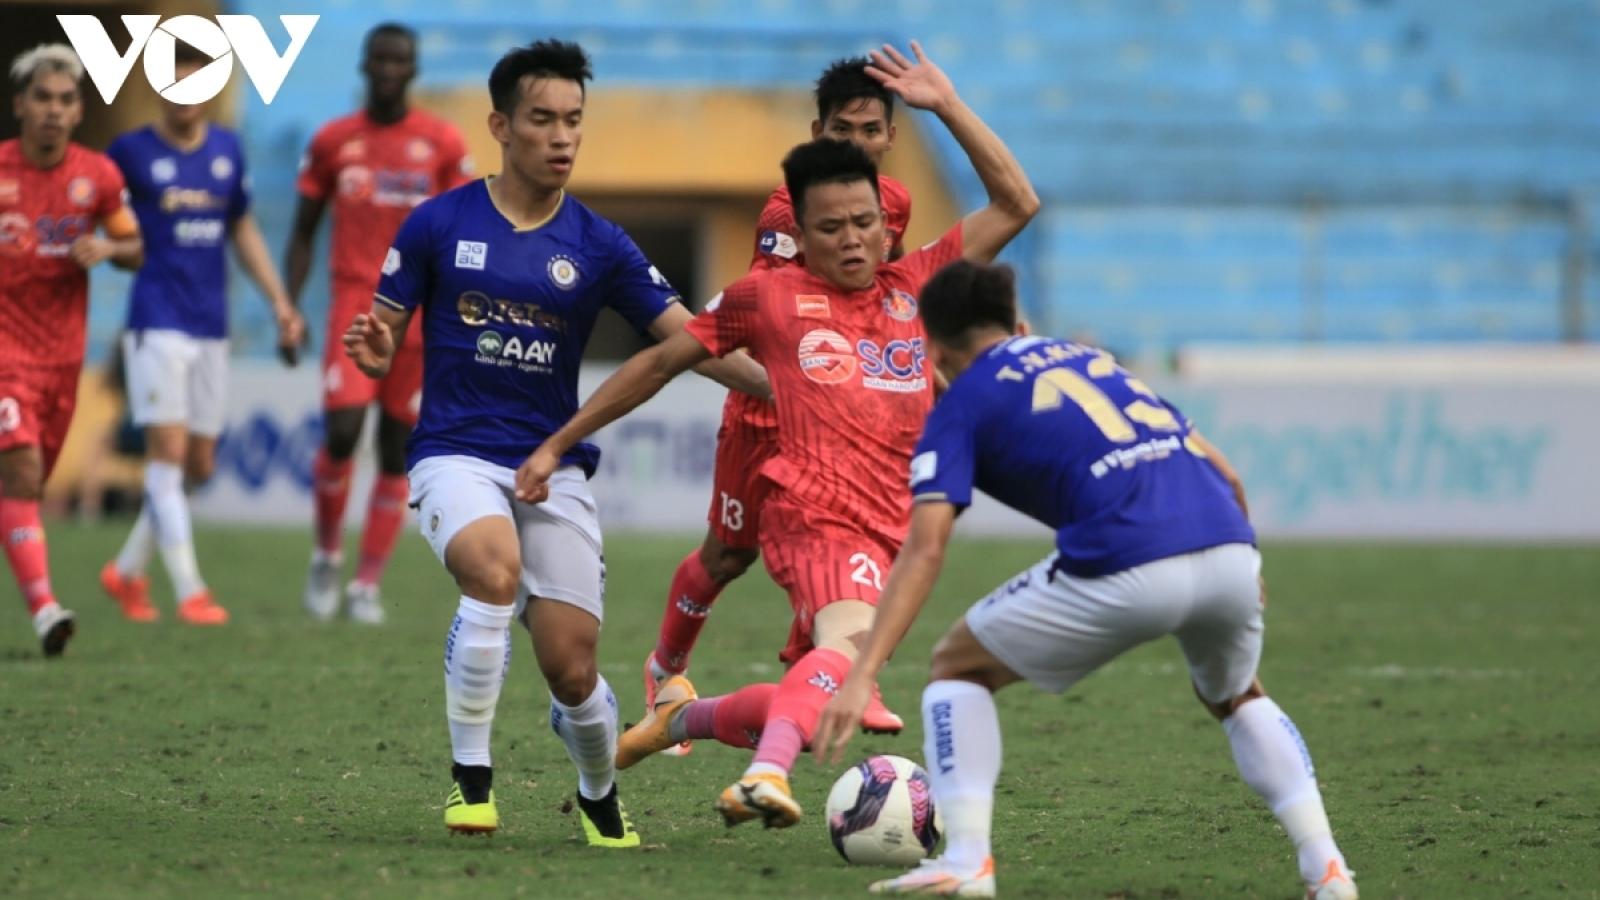 2 CLB của Việt Nam gặp nhiều khó khăn khi AFC quyết tâm tổ chức AFC Cup 2021